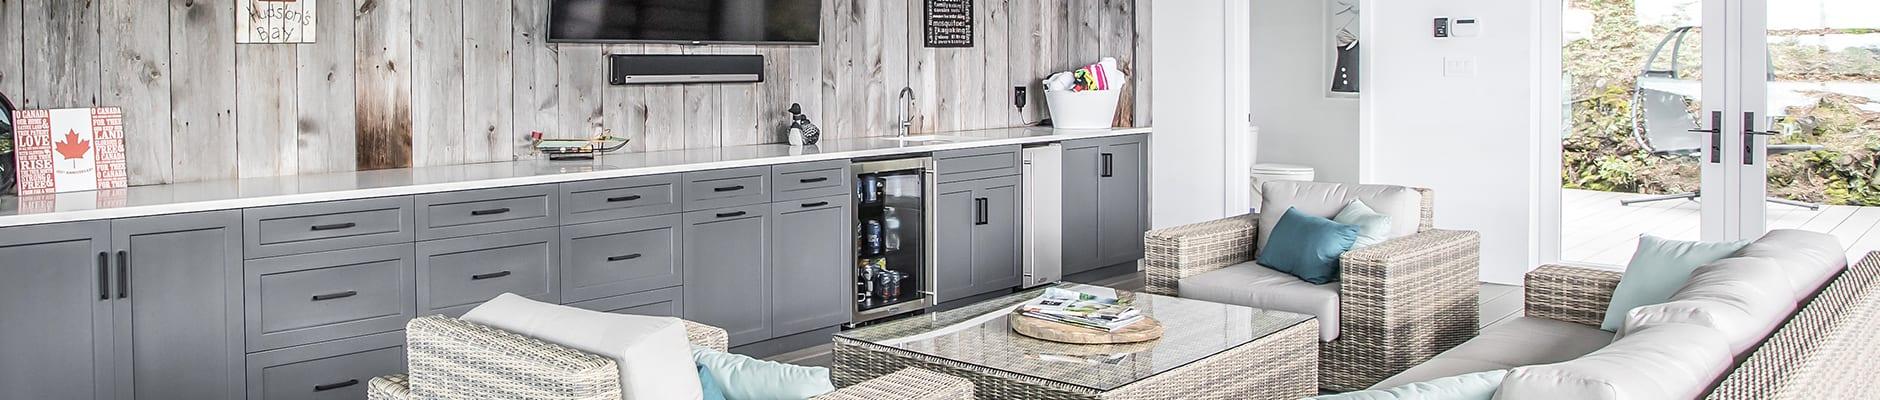 Chervin Stories Chervin Kitchen Bath In Waterloo Muskoka And Oakville